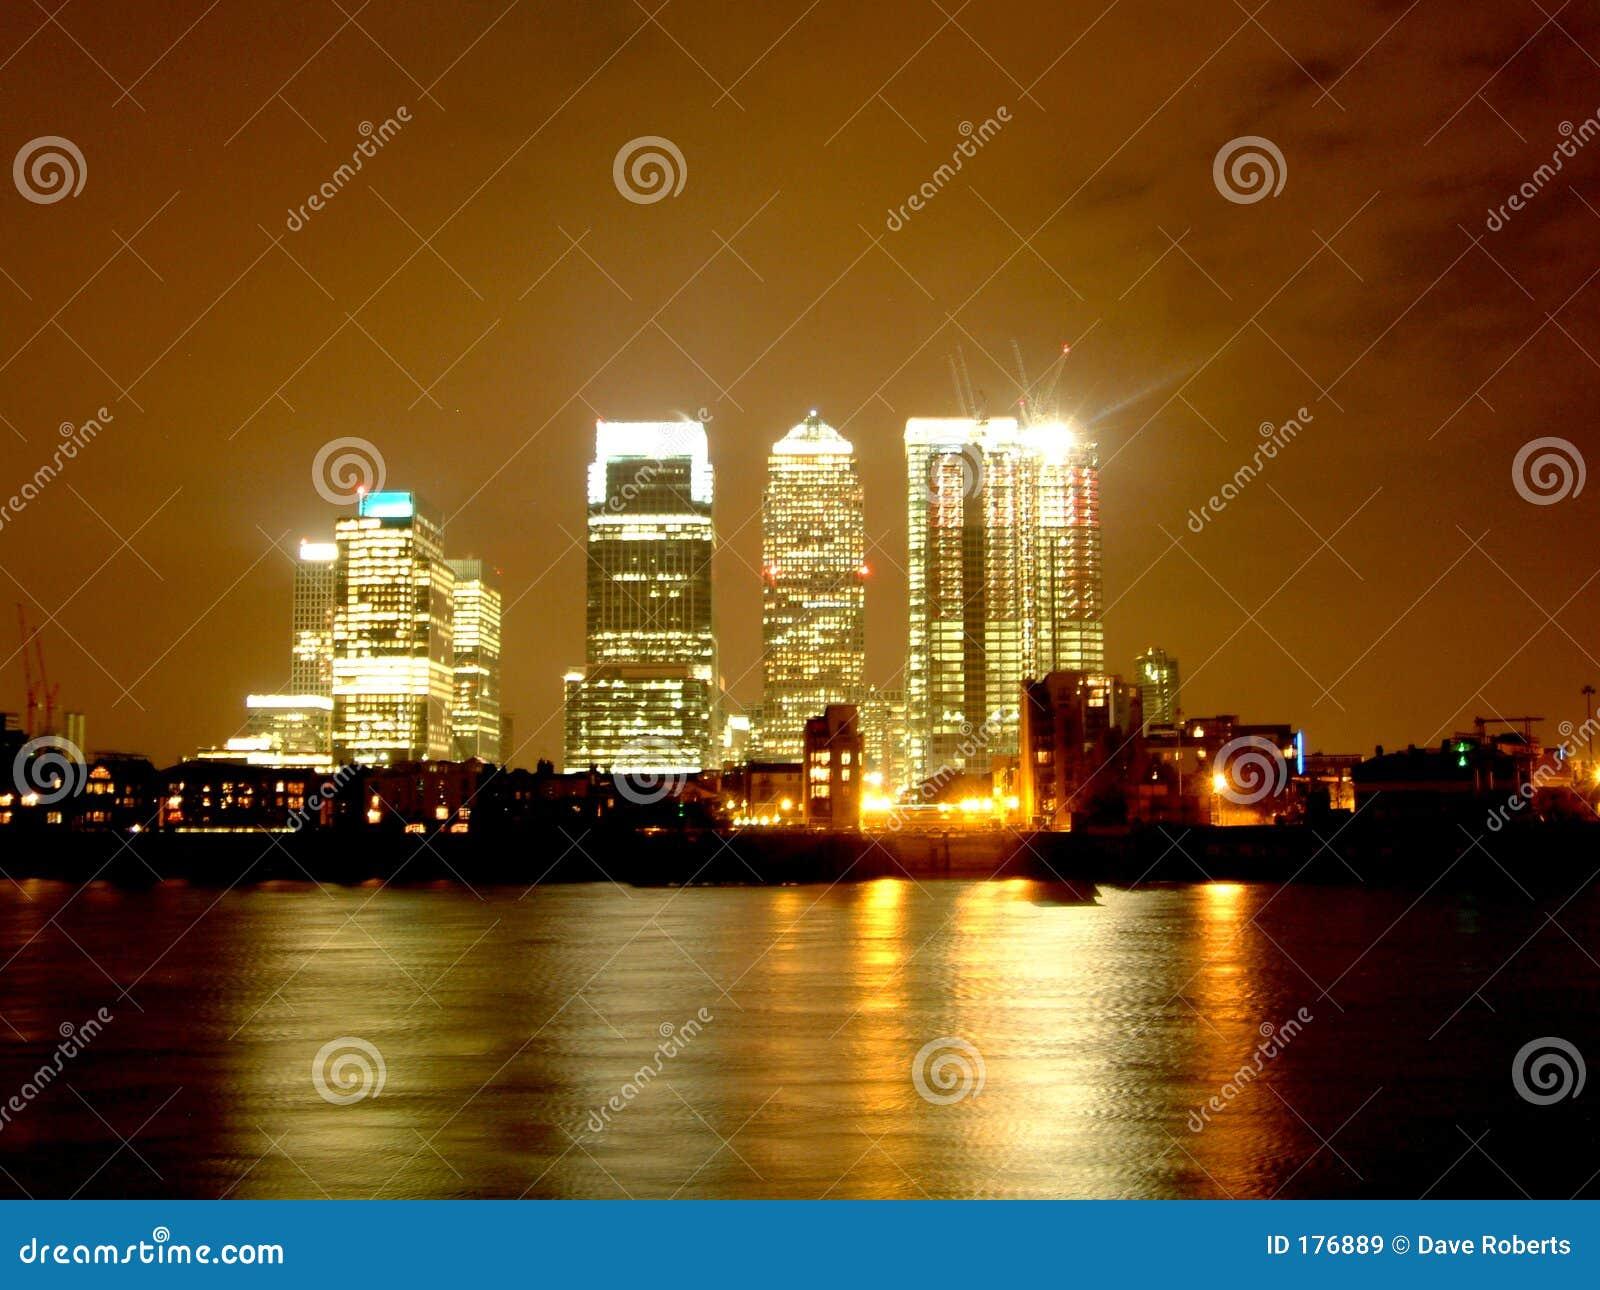 Molo color giallo canarino Londra - entro Night